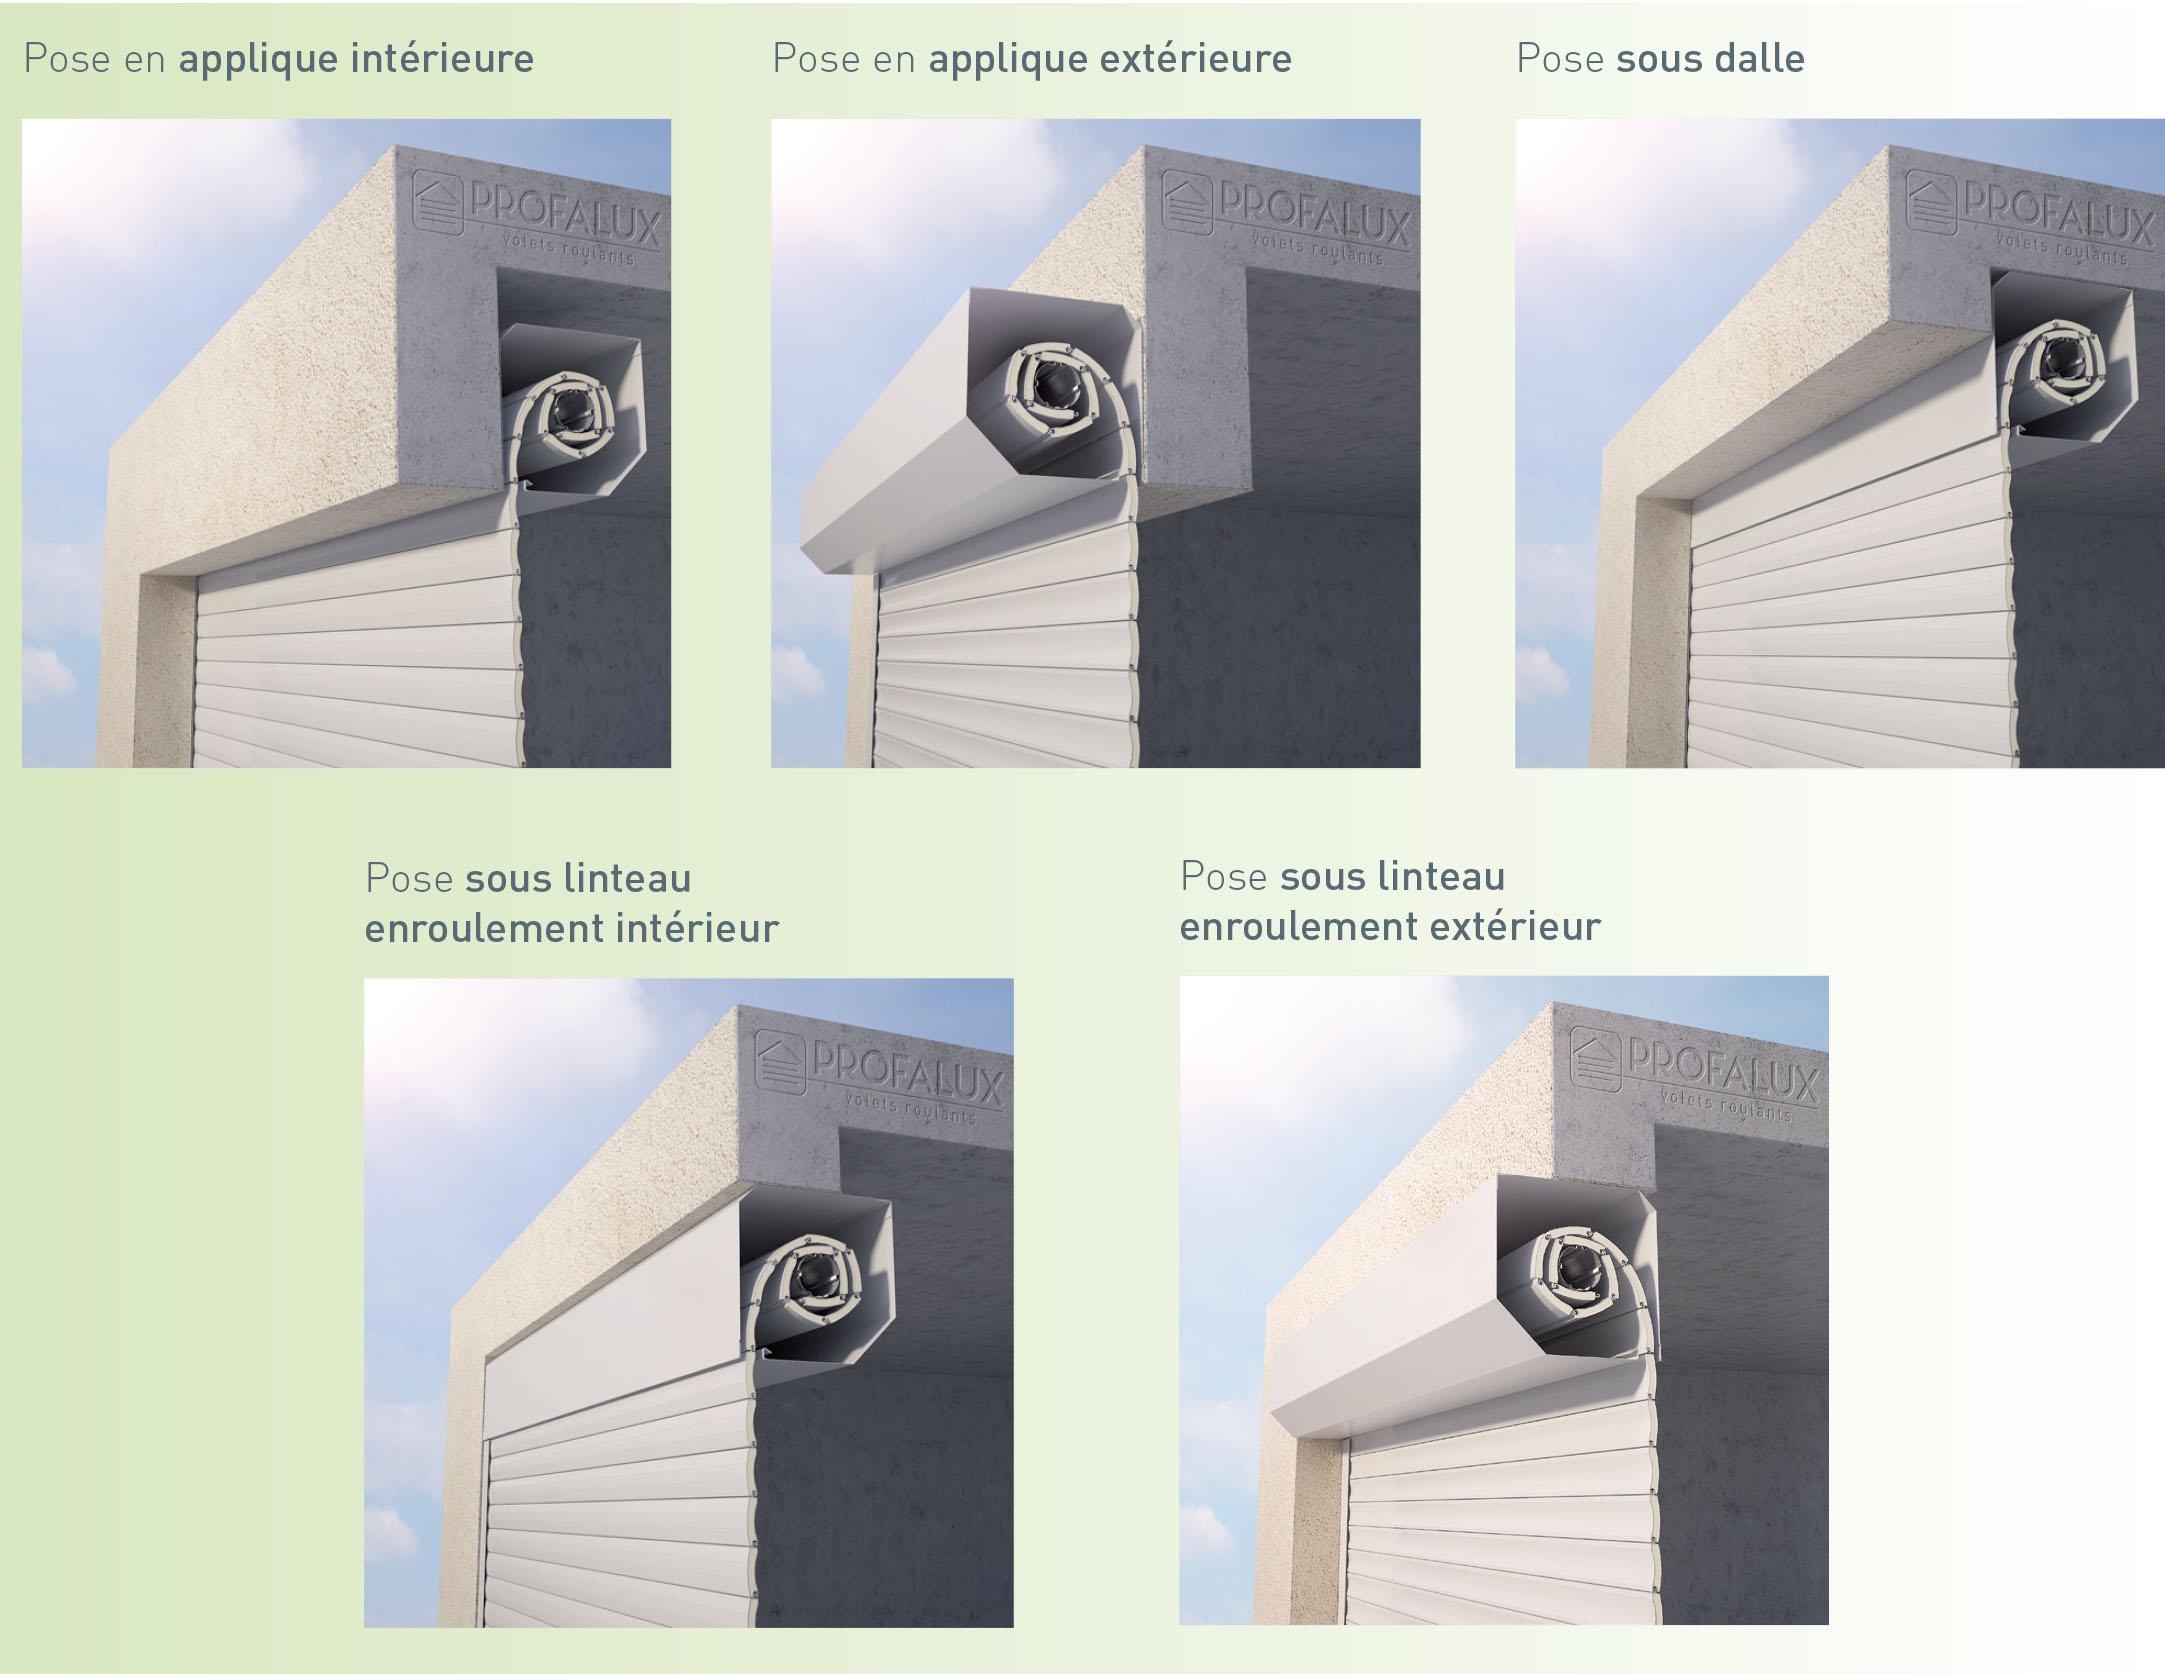 Porte de garage enroulable applique exterieur voiture moto et auto